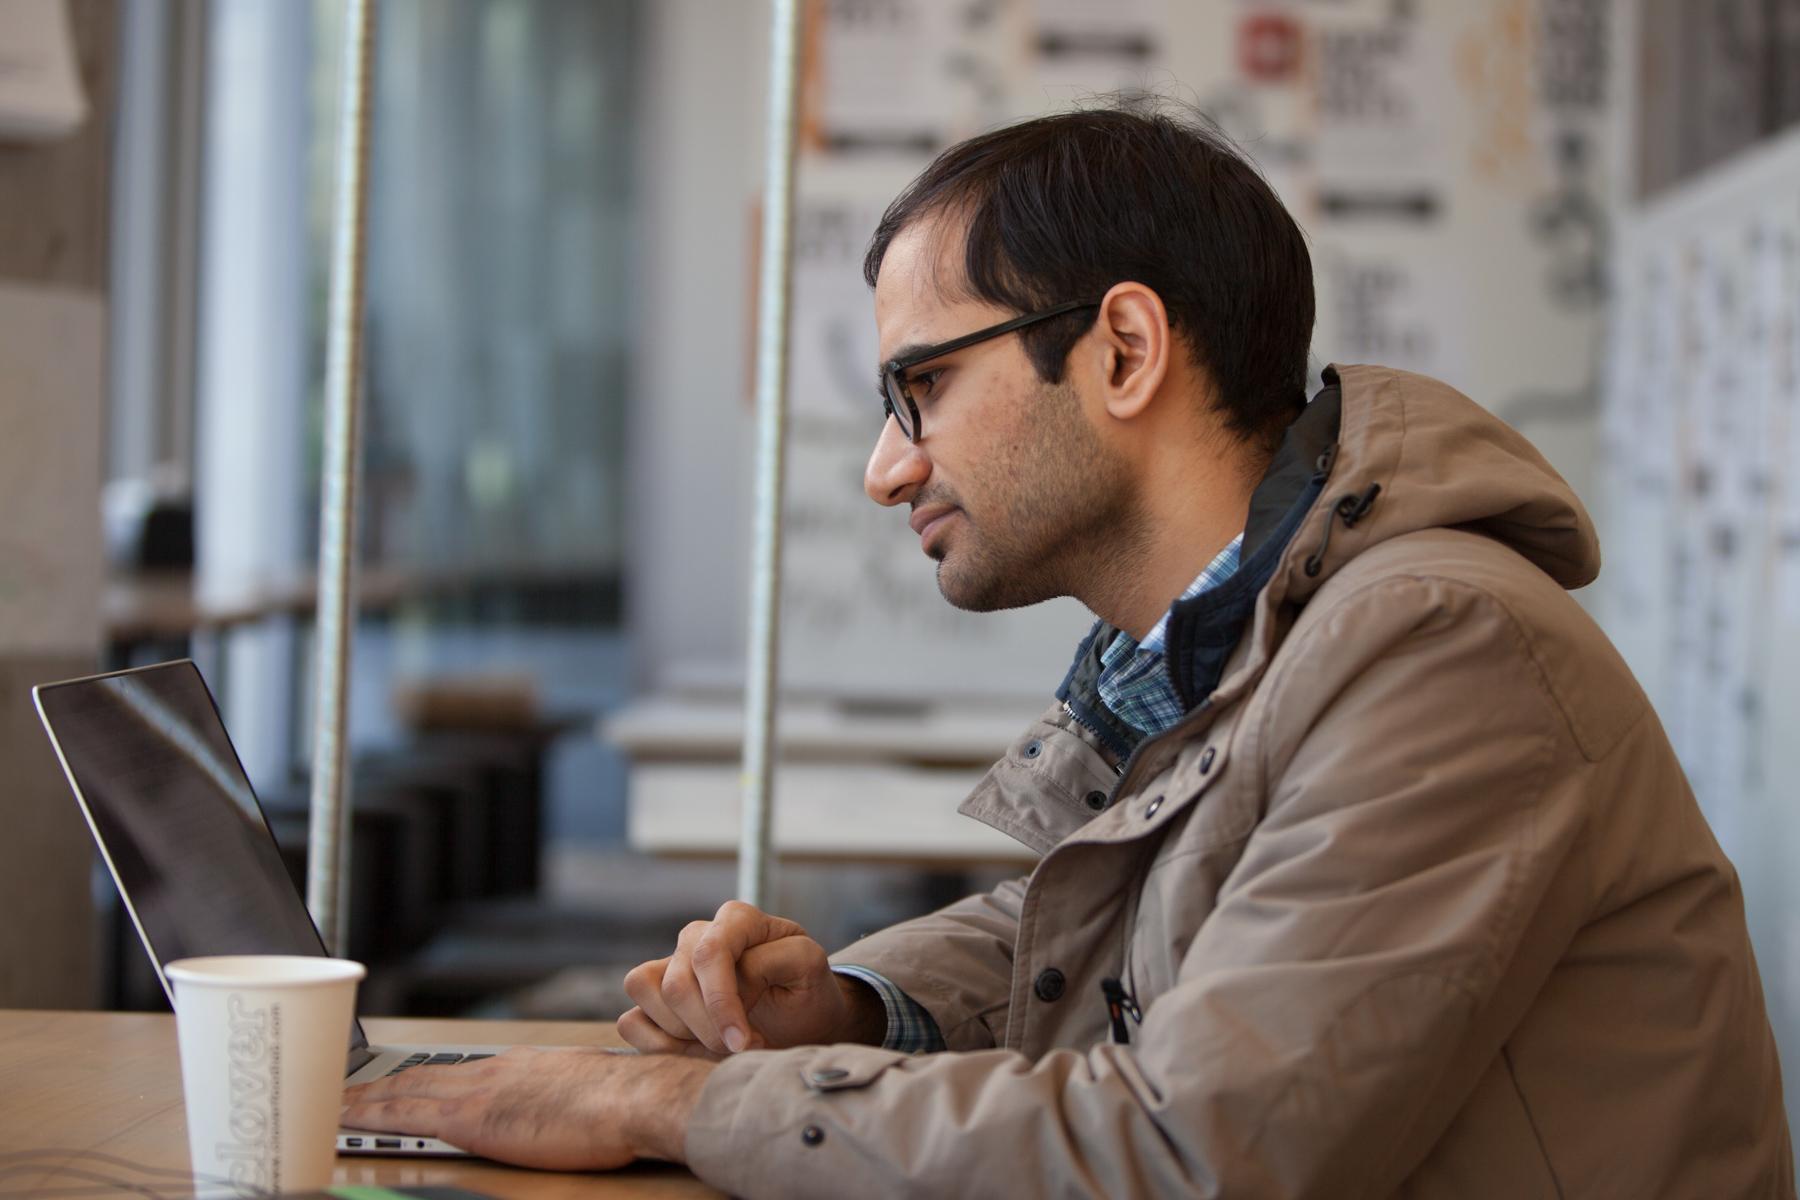 Chronos er navnet på systemet som kanskje kan være med å gjøre Wi-FIi litt enklere å administrere.